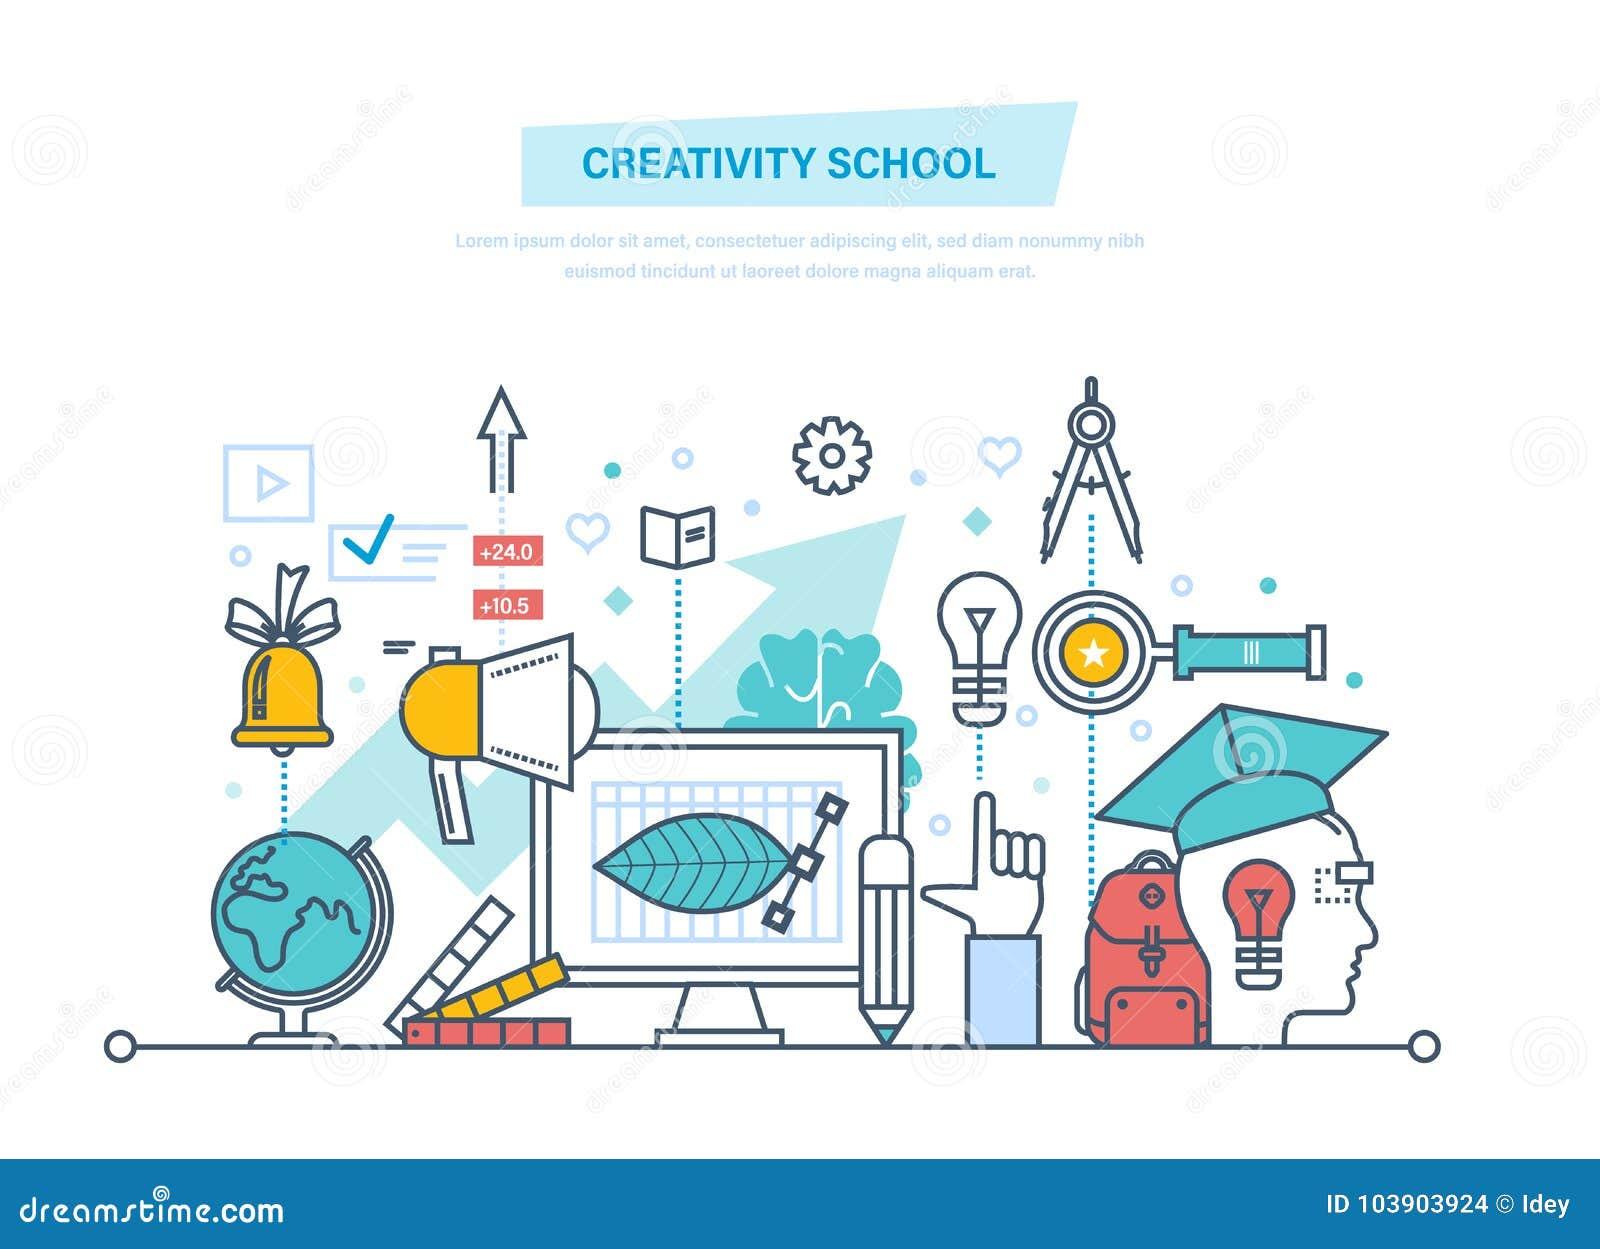 Escuela creativa Entrenamiento, aprendizaje a distancia de la creatividad, tecnología, conocimiento, enseñanza, educación